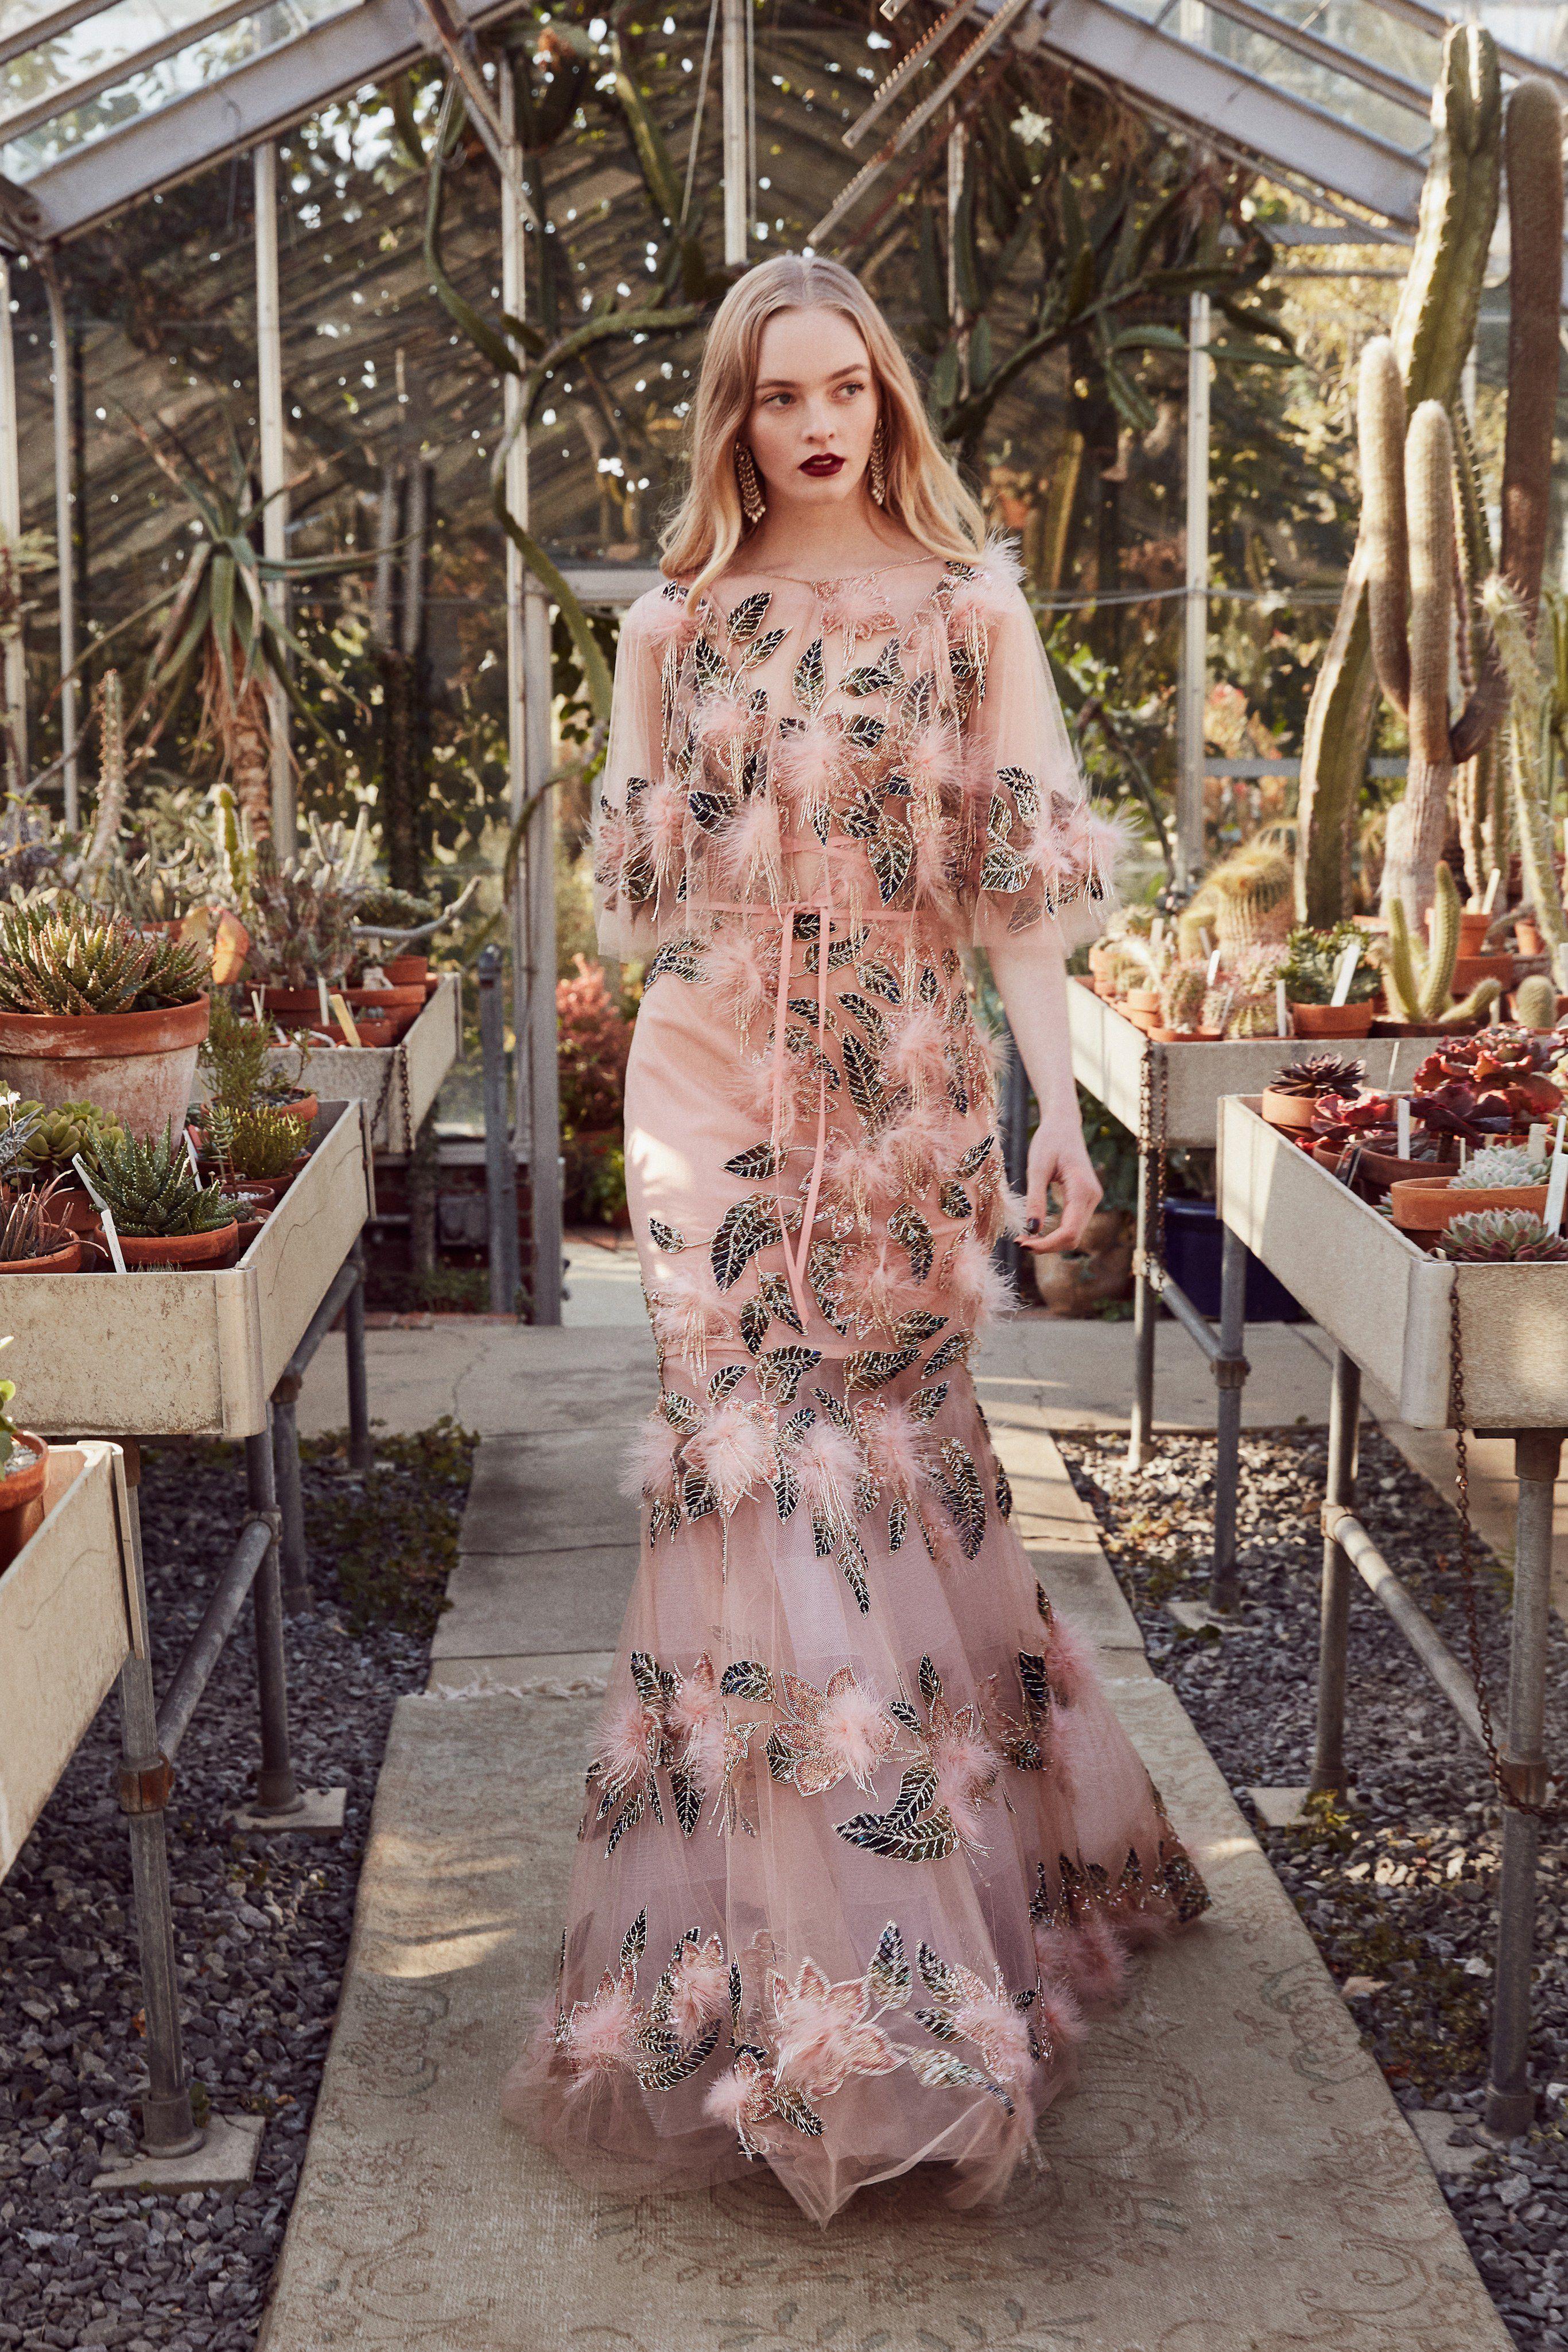 ad5d070e38b Marchesa Pre-Fall 2019 Fashion Show Collection: See the complete Marchesa  Pre-Fall 2019 collection. Look 23